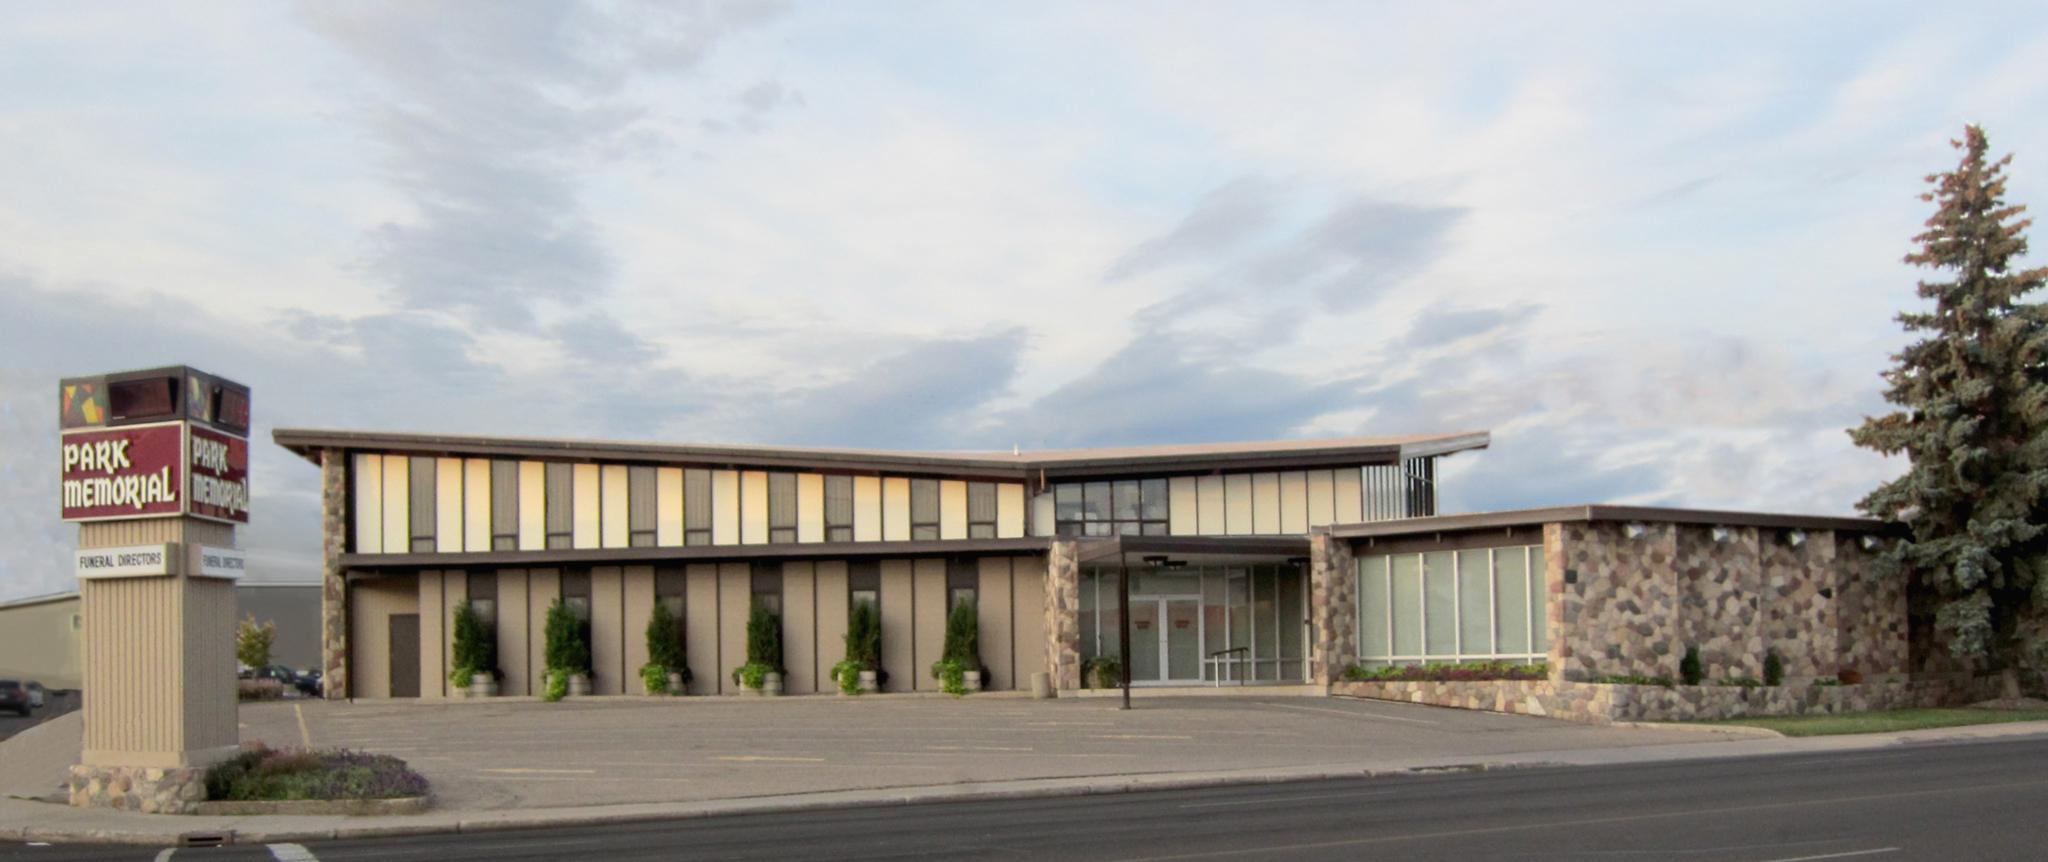 Park Memorial Funeral Home